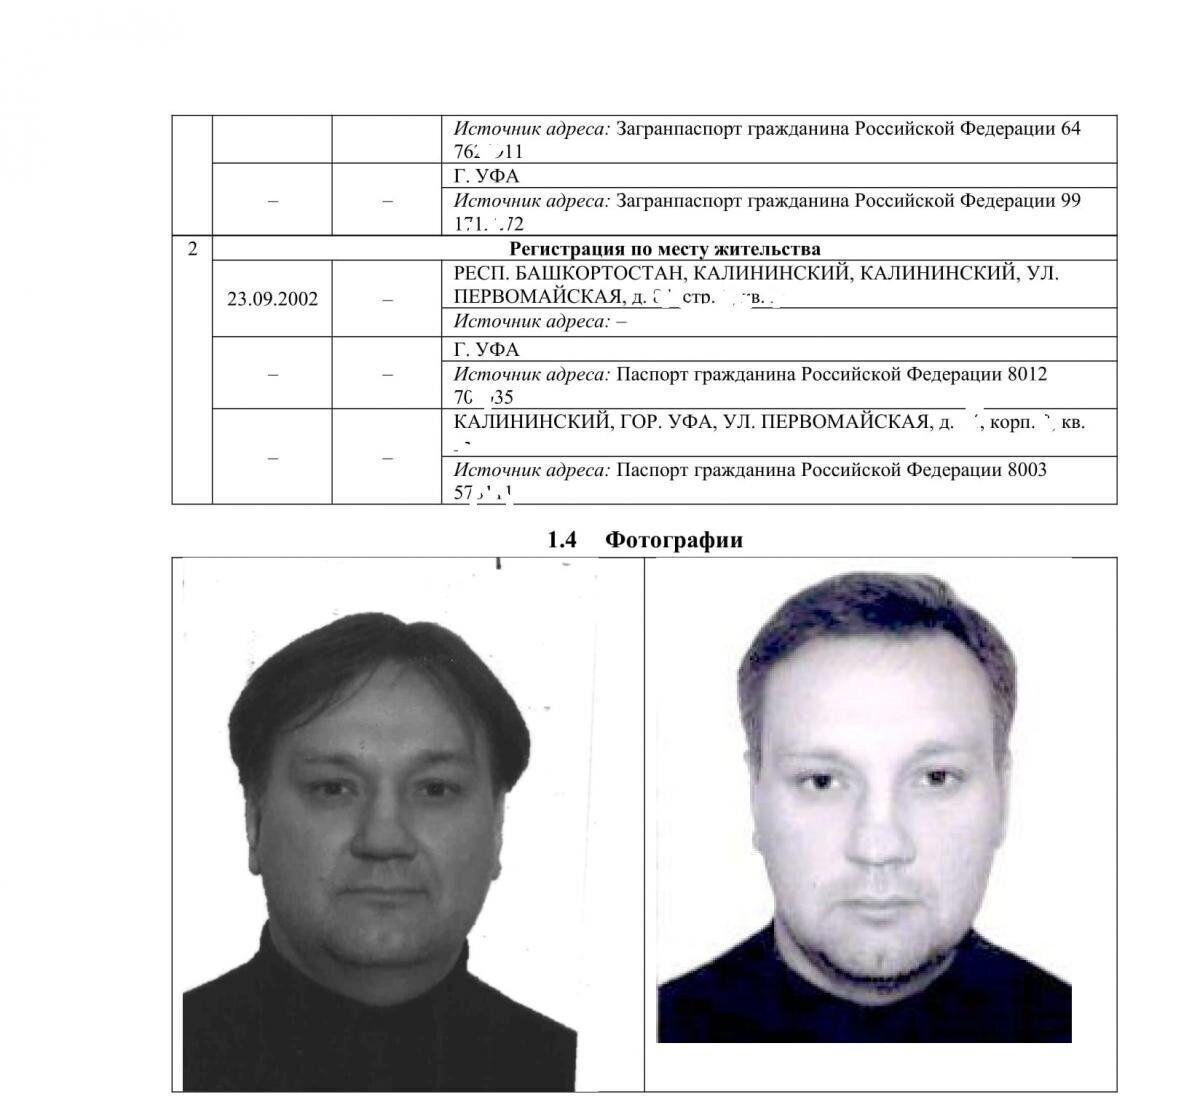 Копия российского паспорта Рожкевича, фото 3